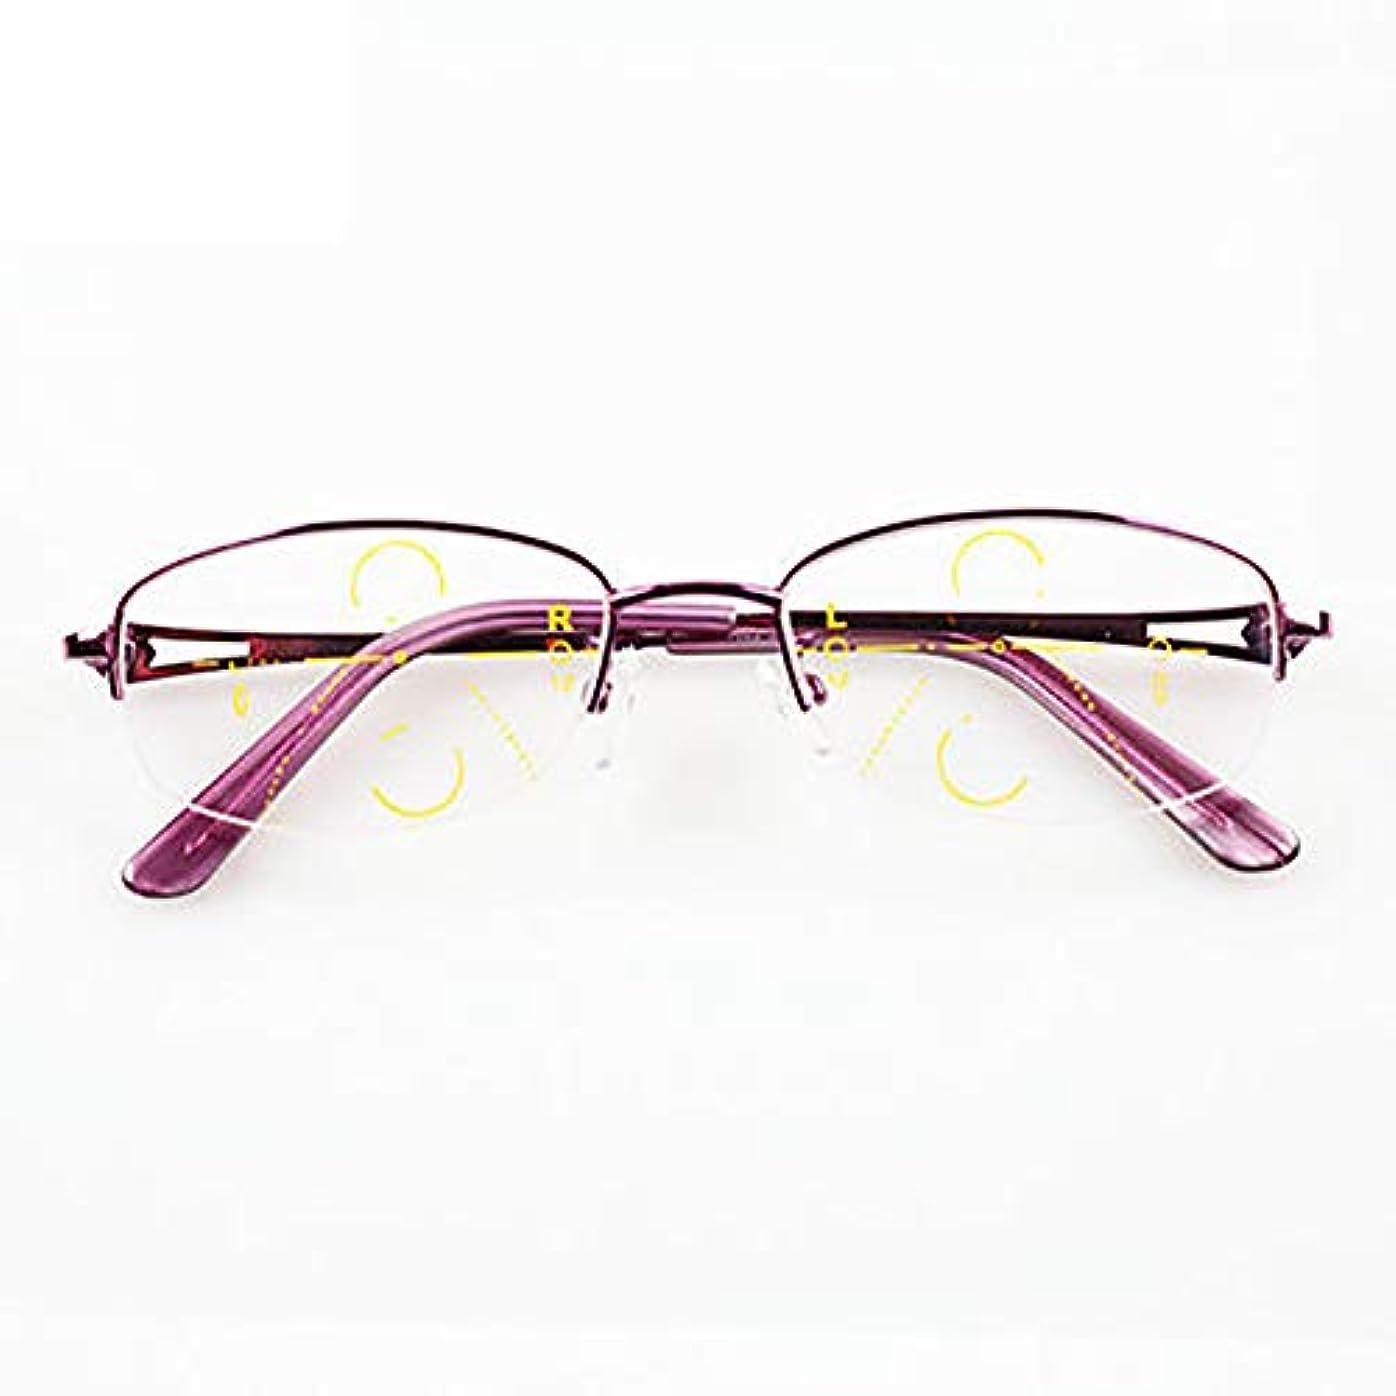 犯すアジテーションシエスタ老眼鏡、マルチフォーカスアンチ放射線、サンリーダーズHD光学アイウェア、女性用